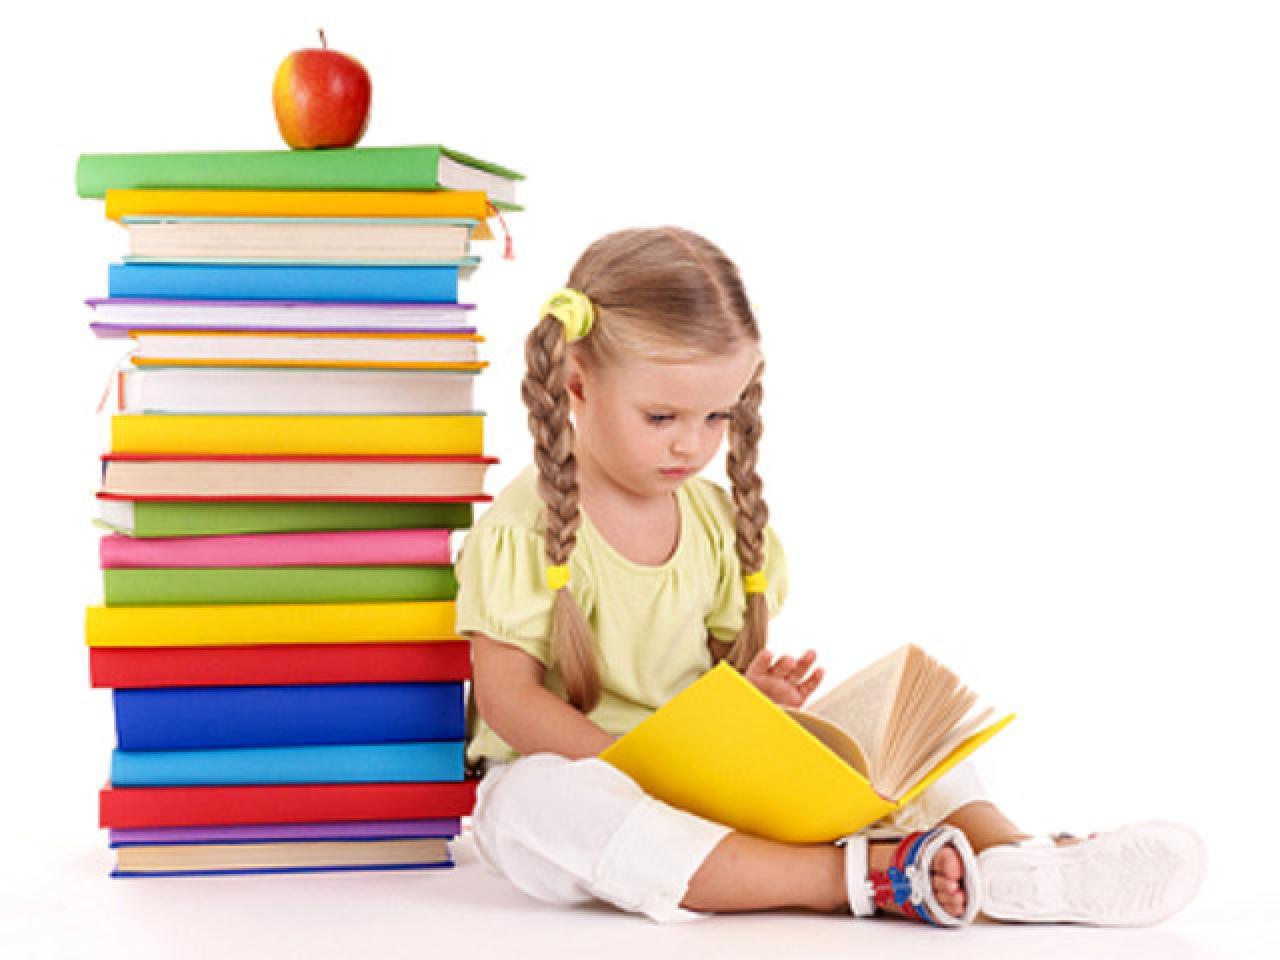 """Детский центр развития """"БуквоЕшка"""" производит набор в группы 1-3 и 3-5 лет - 1"""